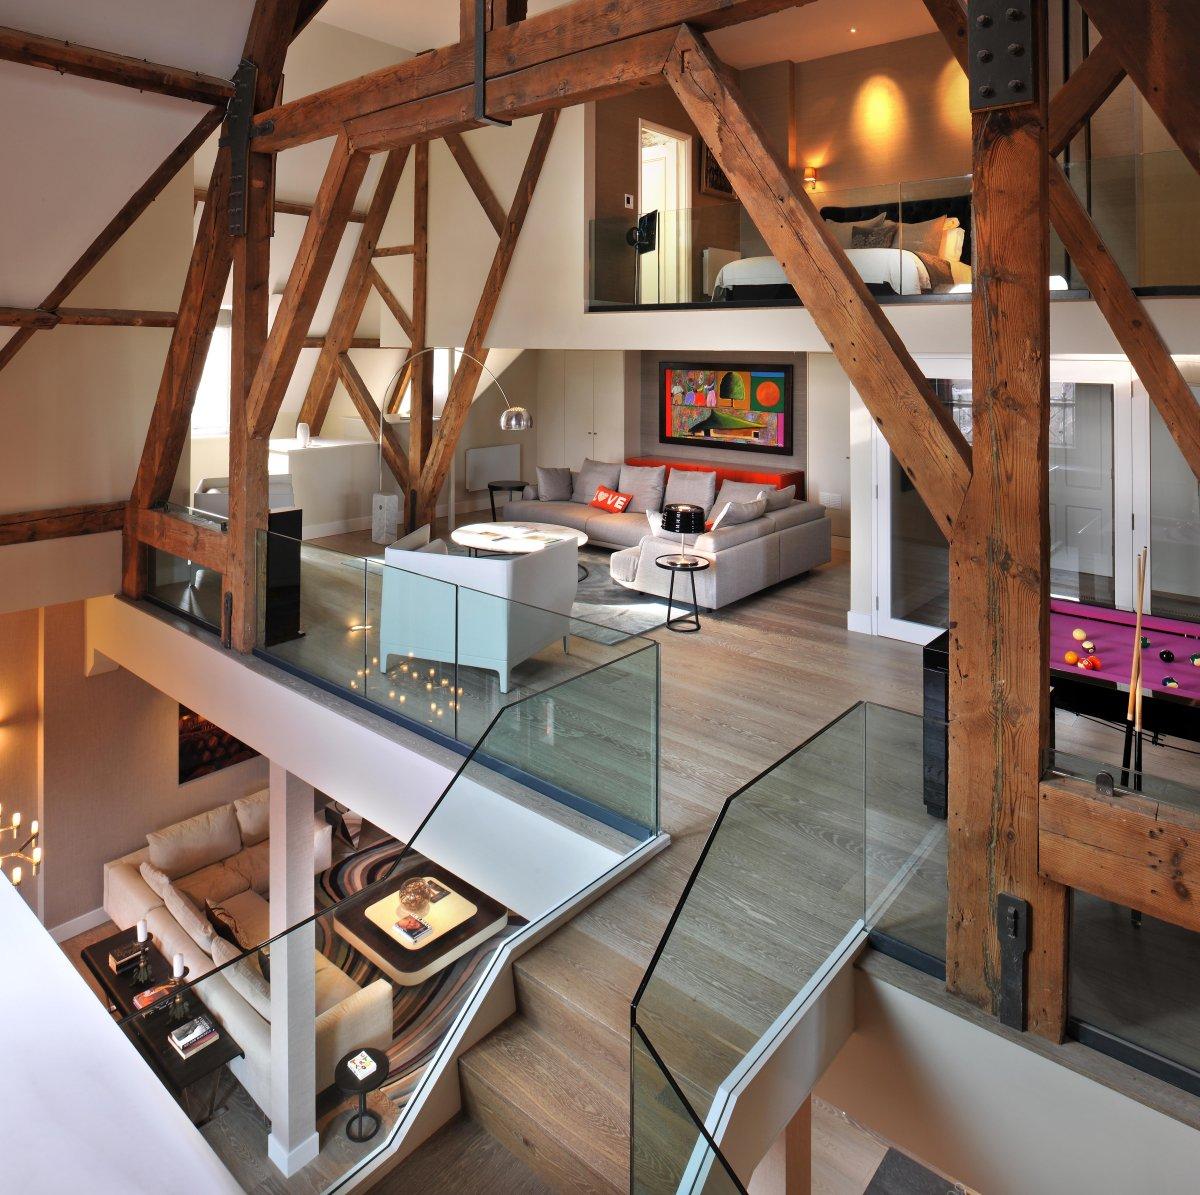 St. Pancras Penthouse Apartment by Thomas Griem